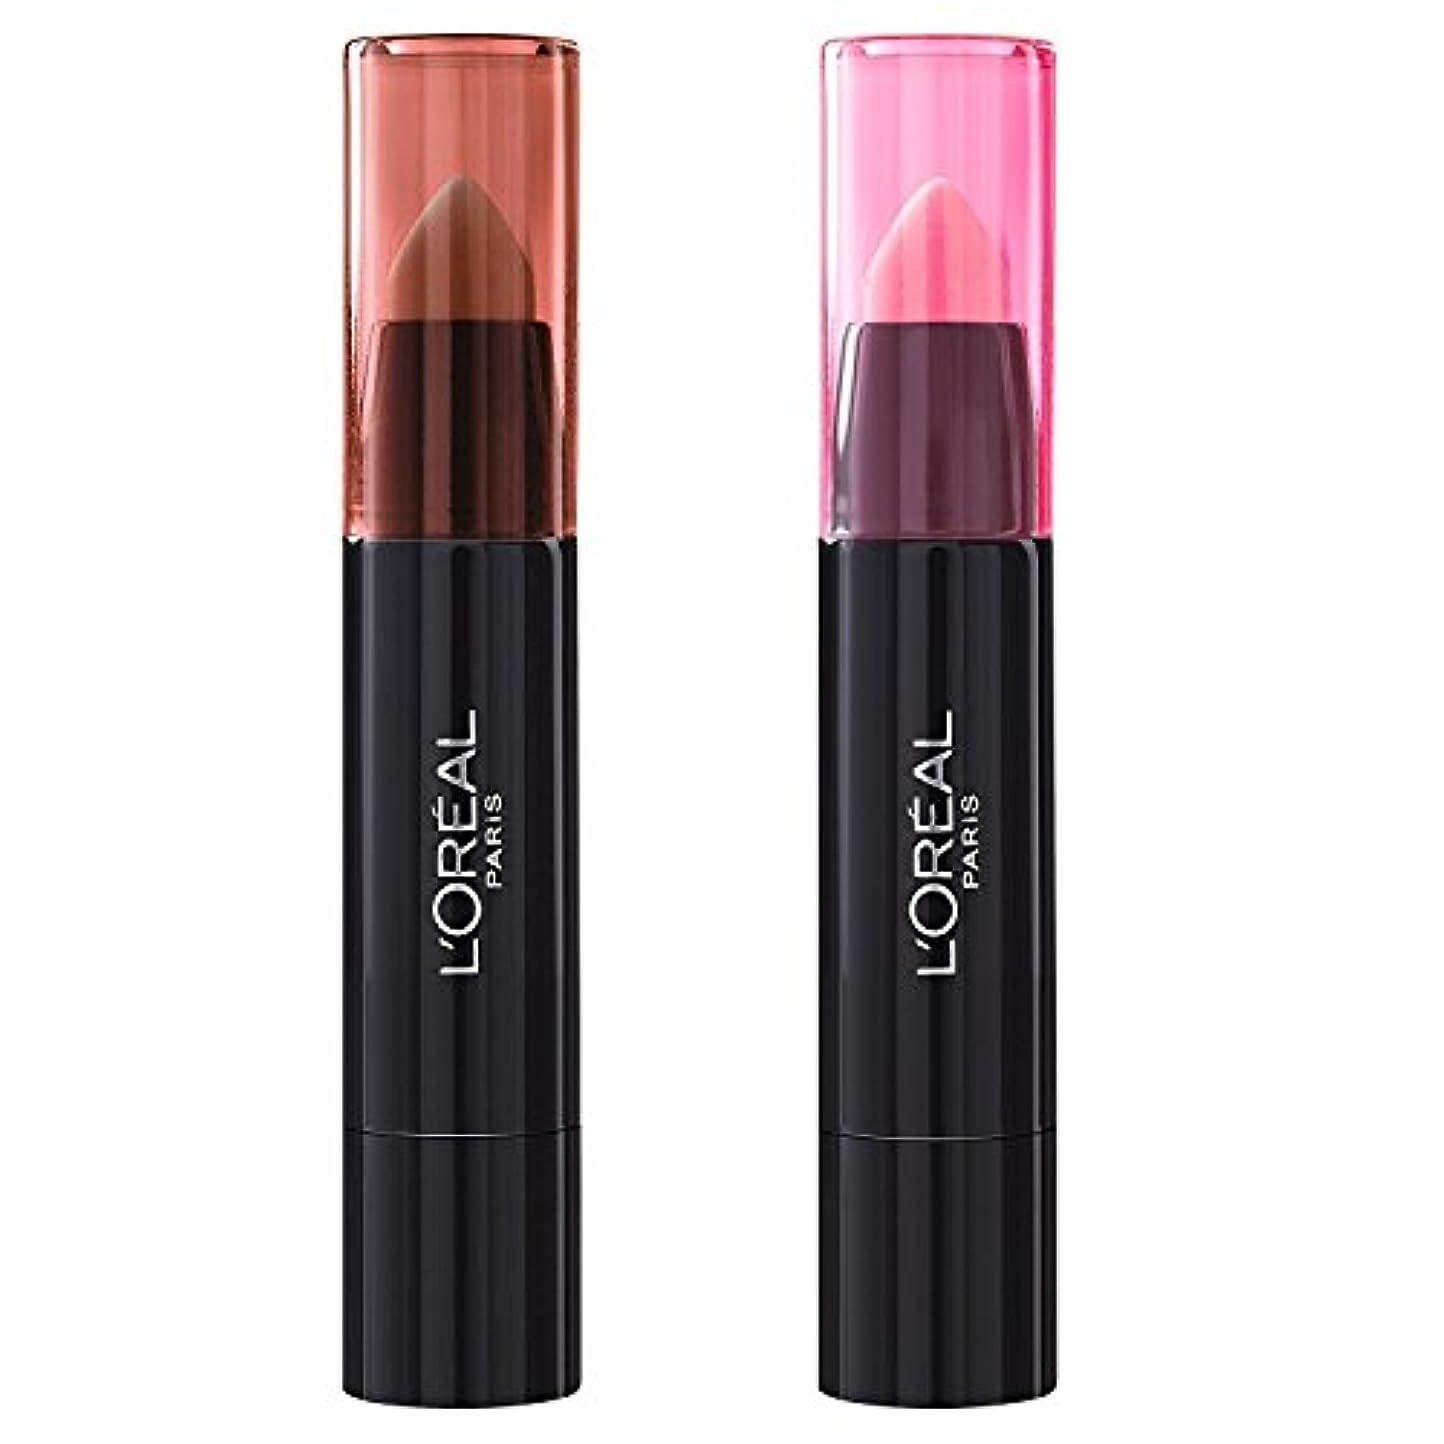 トリプルむき出し欲望L'Oréal Paris Lippenbalsam INFAILLIBLE SEXY BALM - 108 Whaaat? + 101 We Wear Pink (2 Stück)